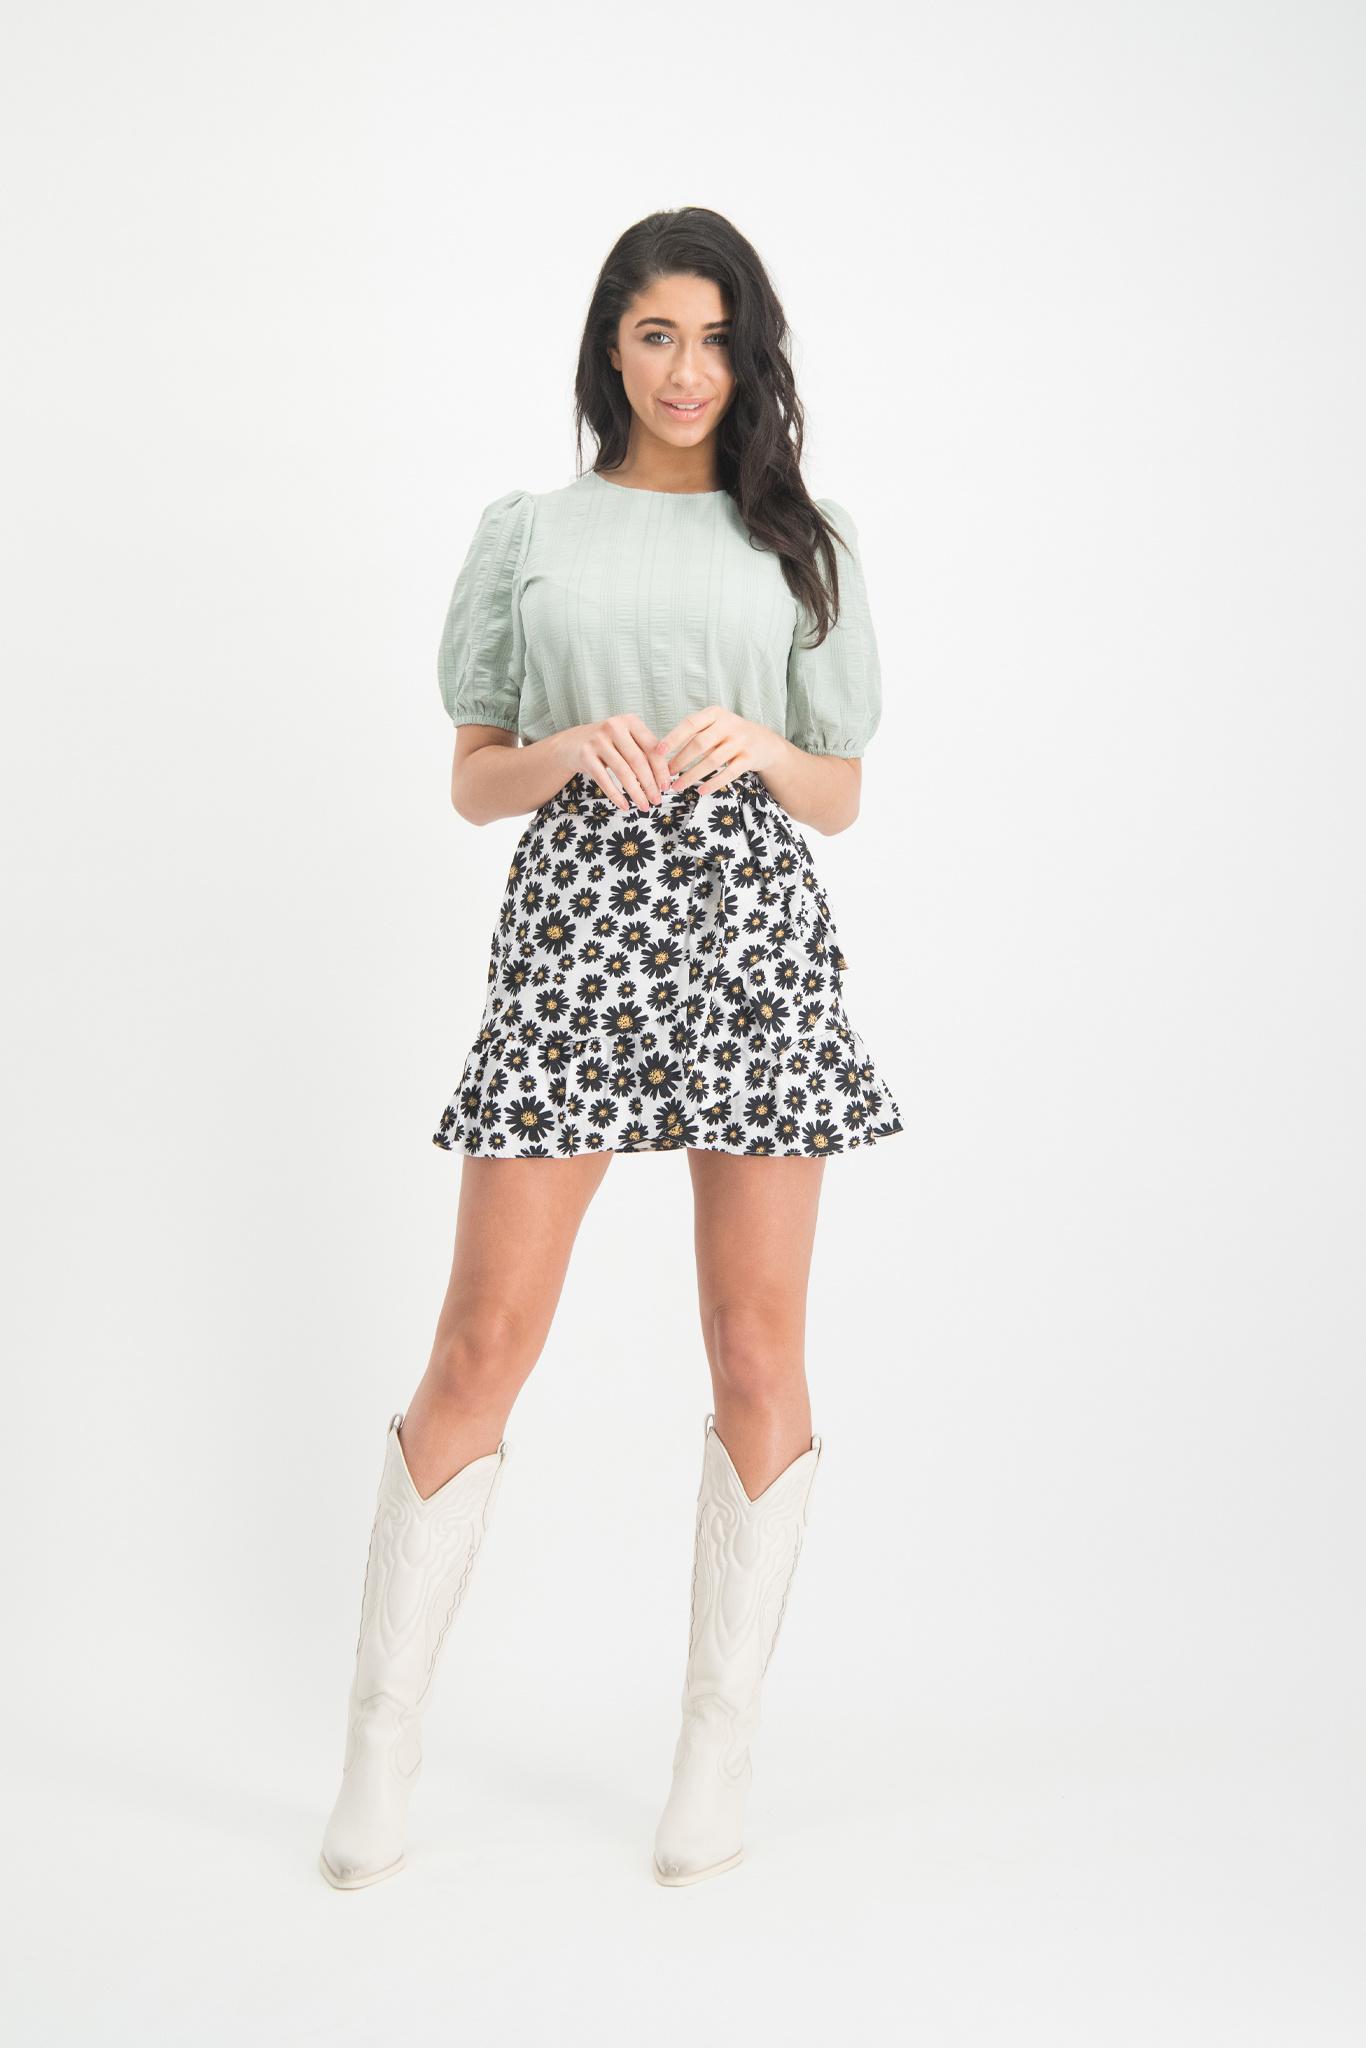 Lofty Manner White Floral Print Skirt Loise